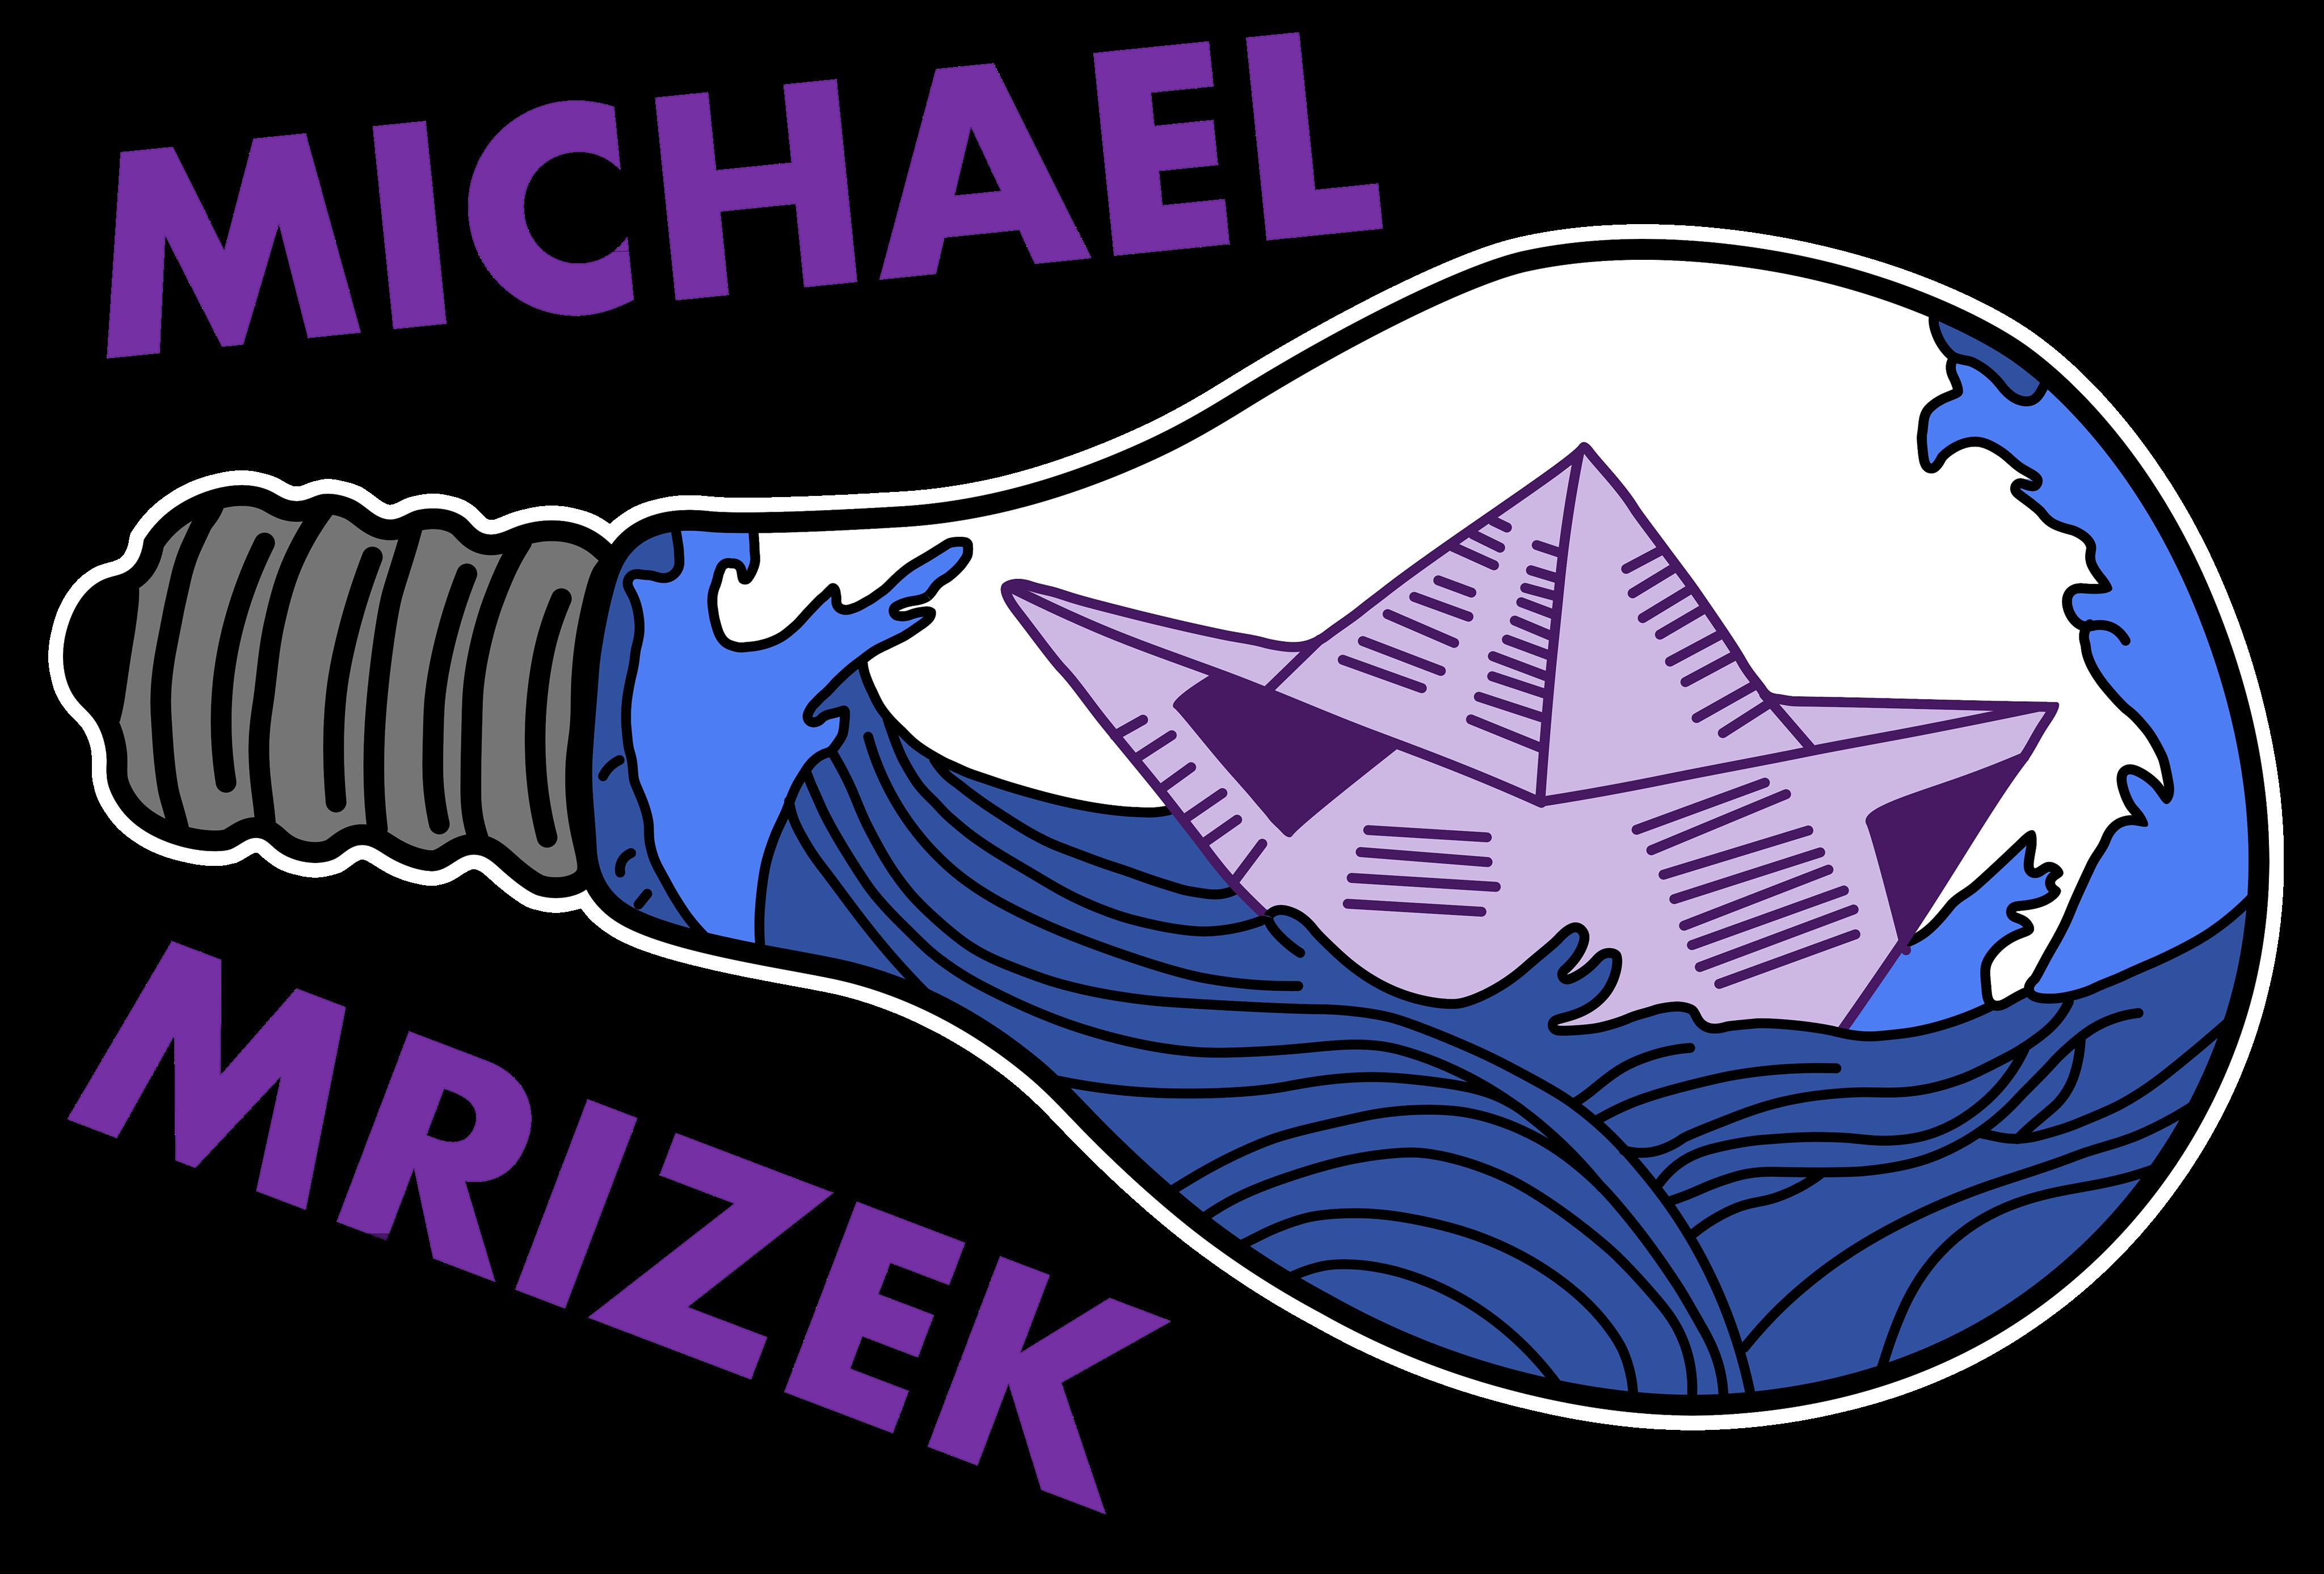 Michael Mrizek